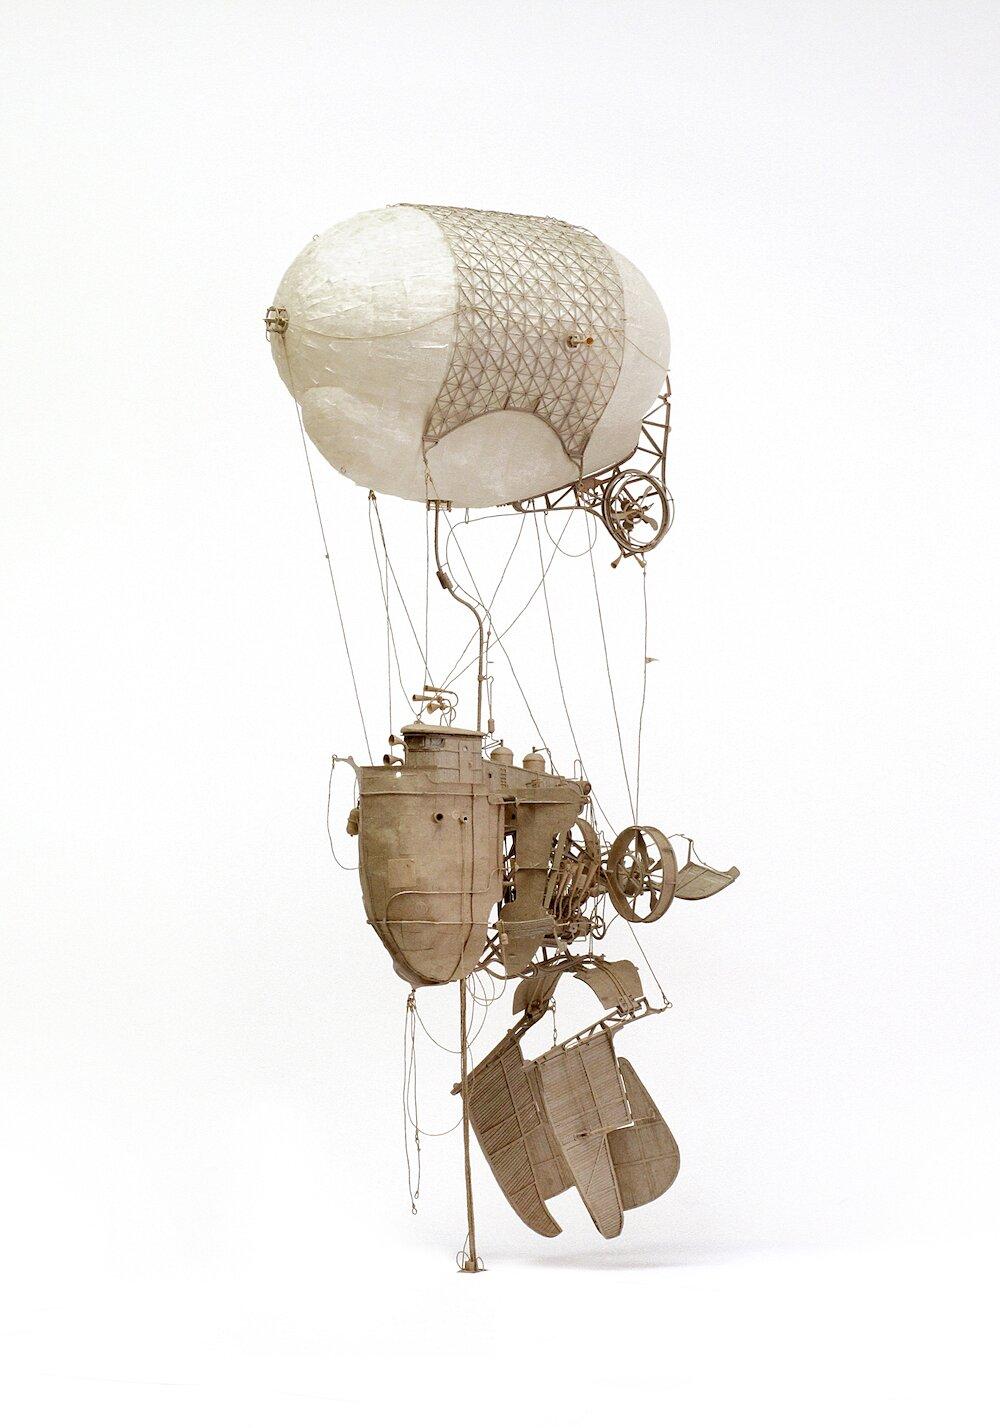 immaginarie-macchine-volanti-miniature-carta-daniel-agdag-05